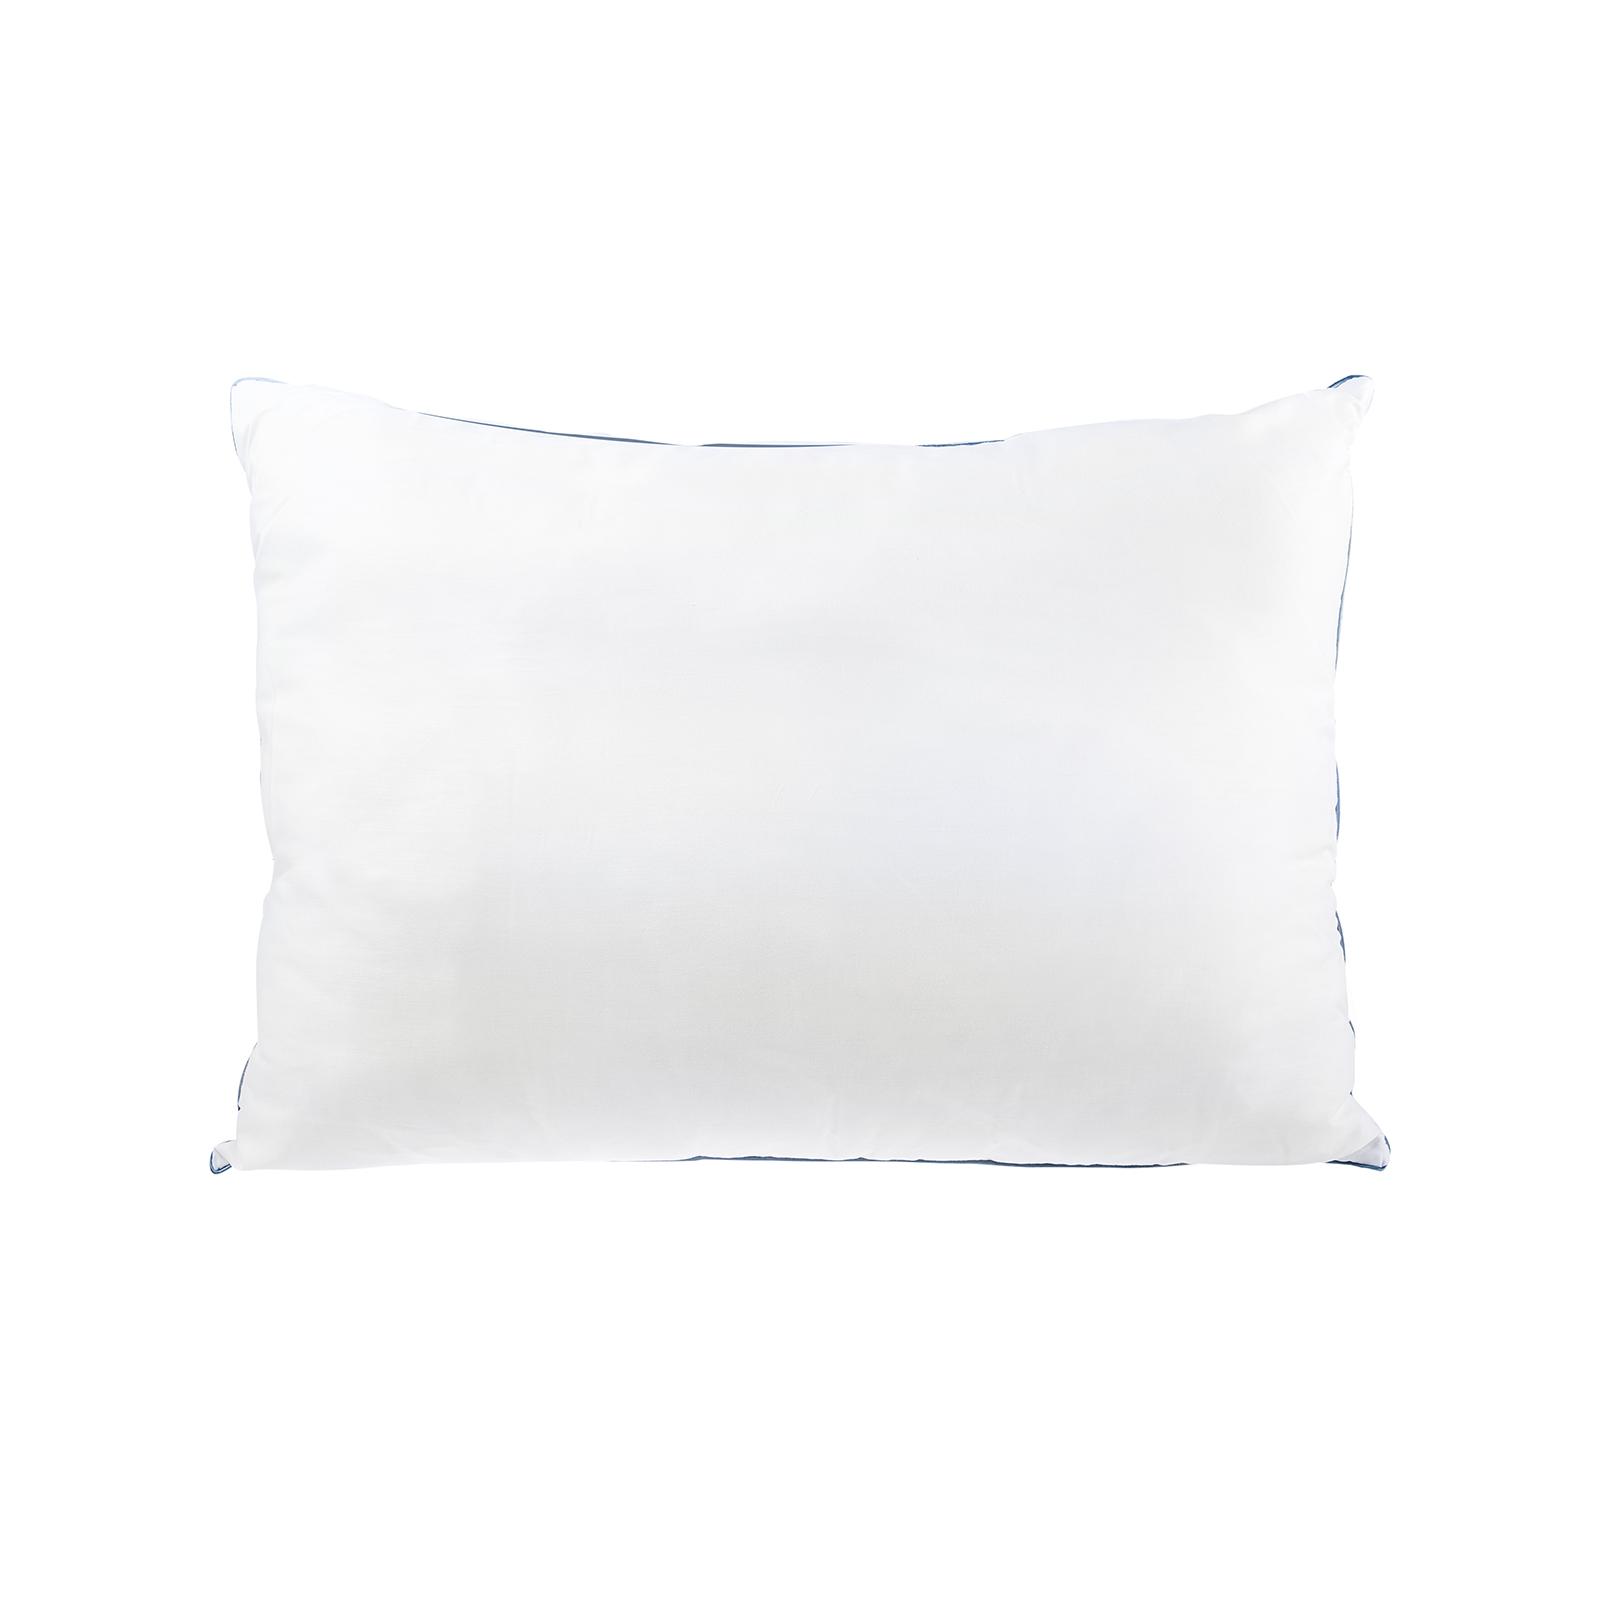 Sarah Anderson Comfy Mavi Biyeli Yıkanabilir Yastık Kılıflı Elyaf Yastık 50x70cm